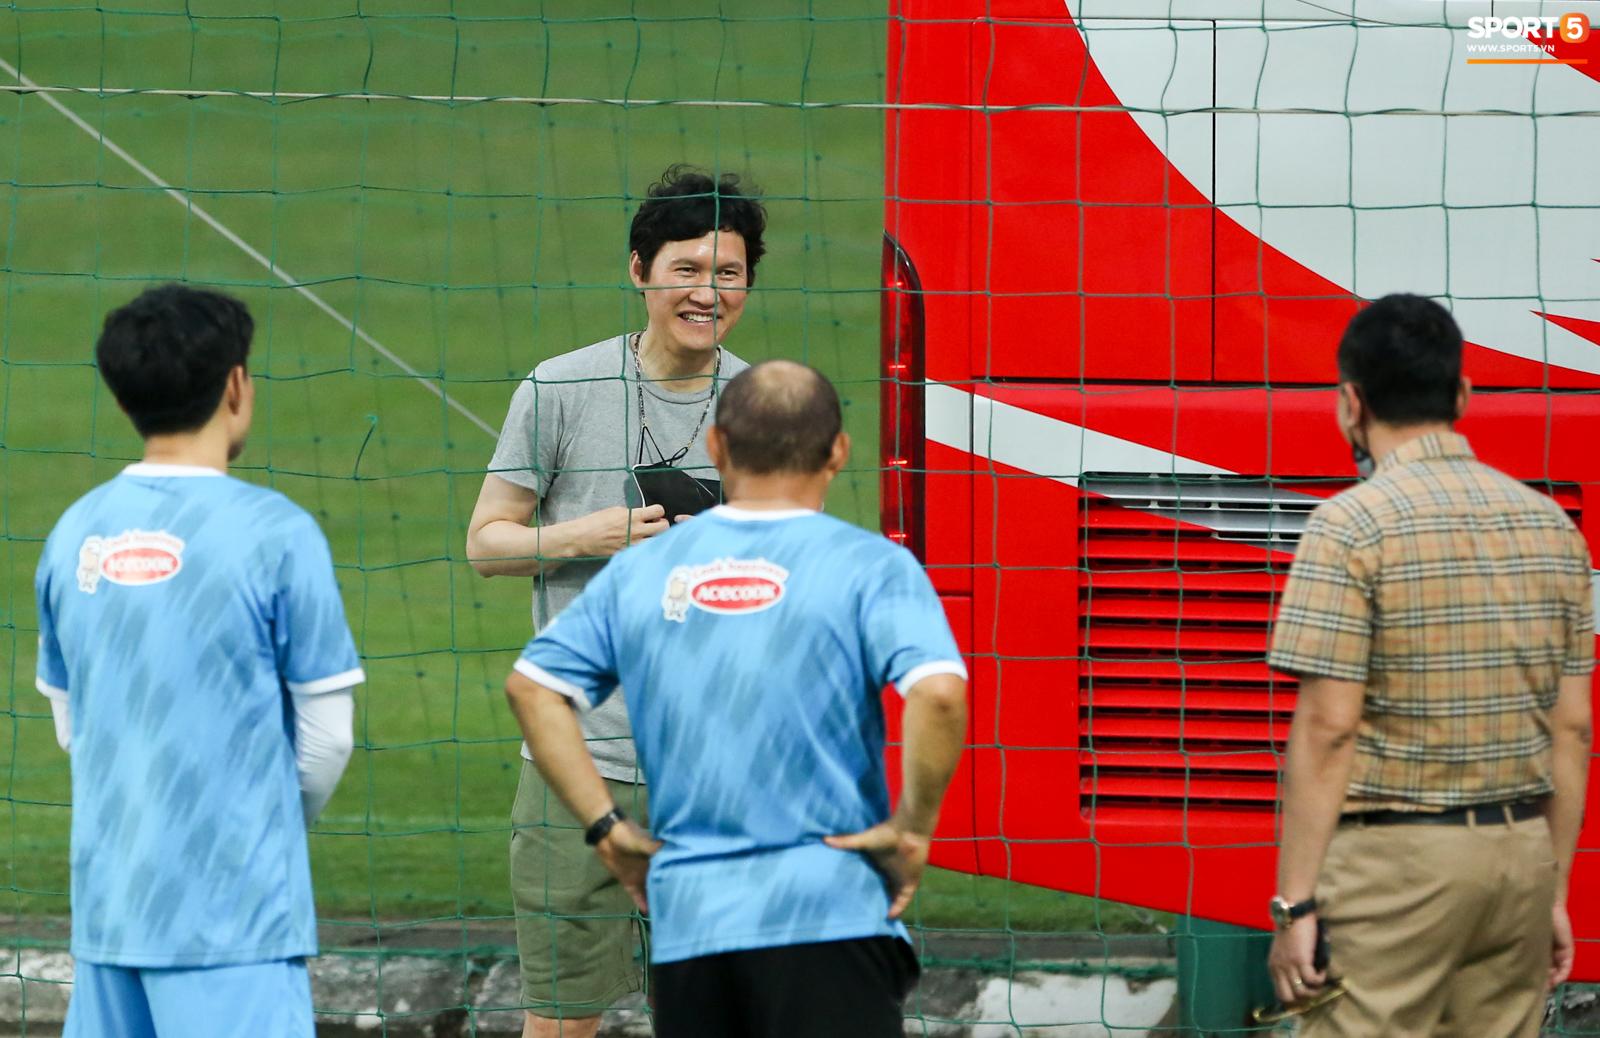 HLV Park Choong-kyun rút khỏi ban huấn luyện của tuyển Việt Nam - Ảnh 1.